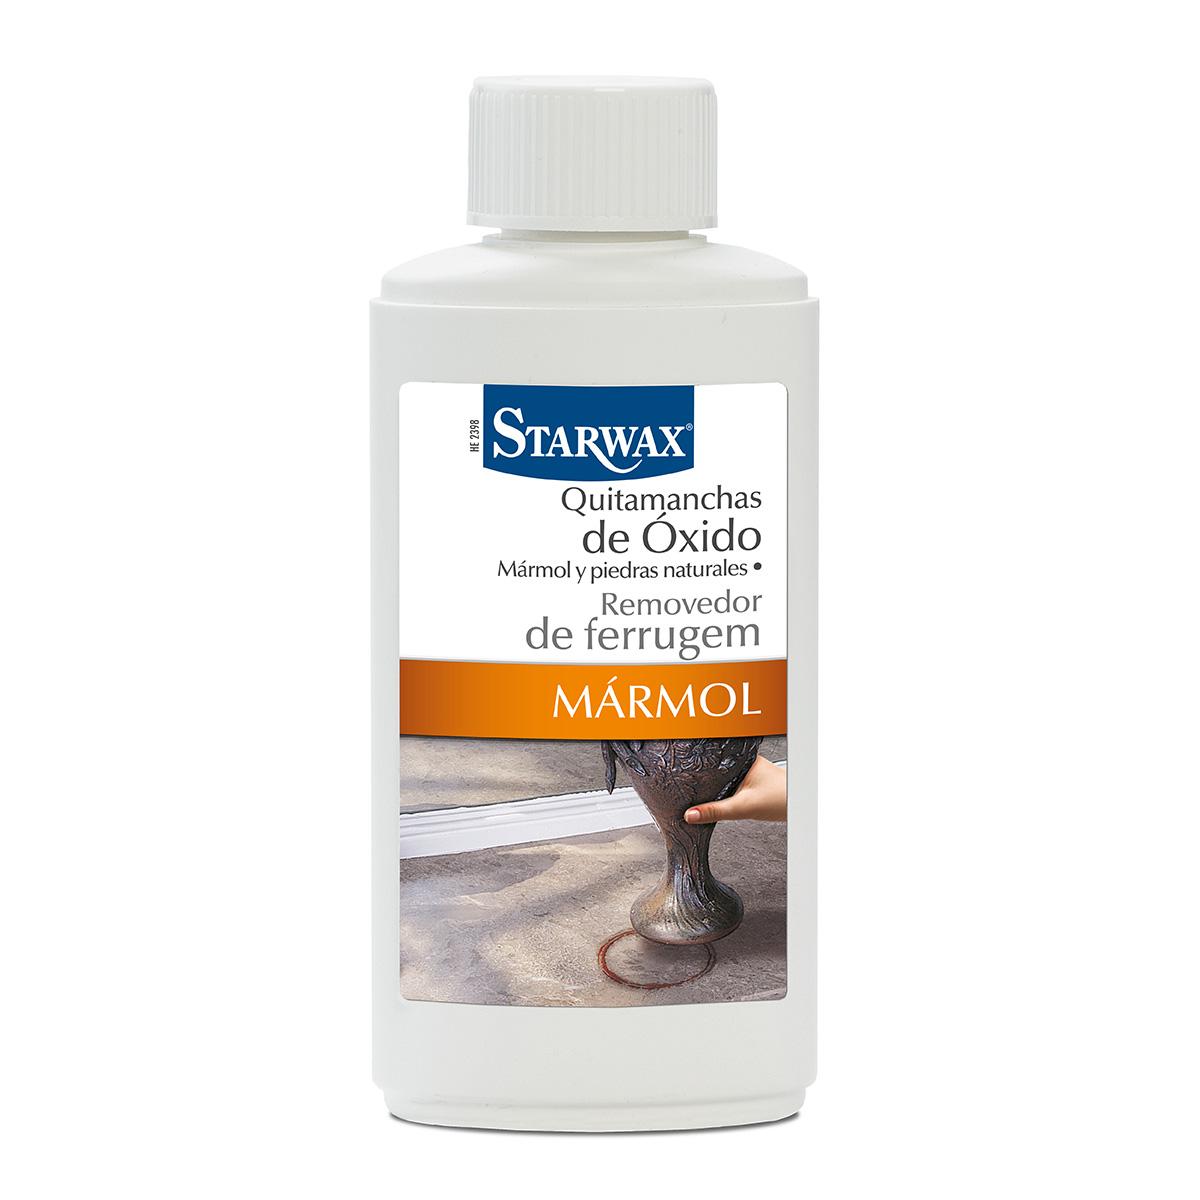 Quitamanchas de óxido marmol - Starwax